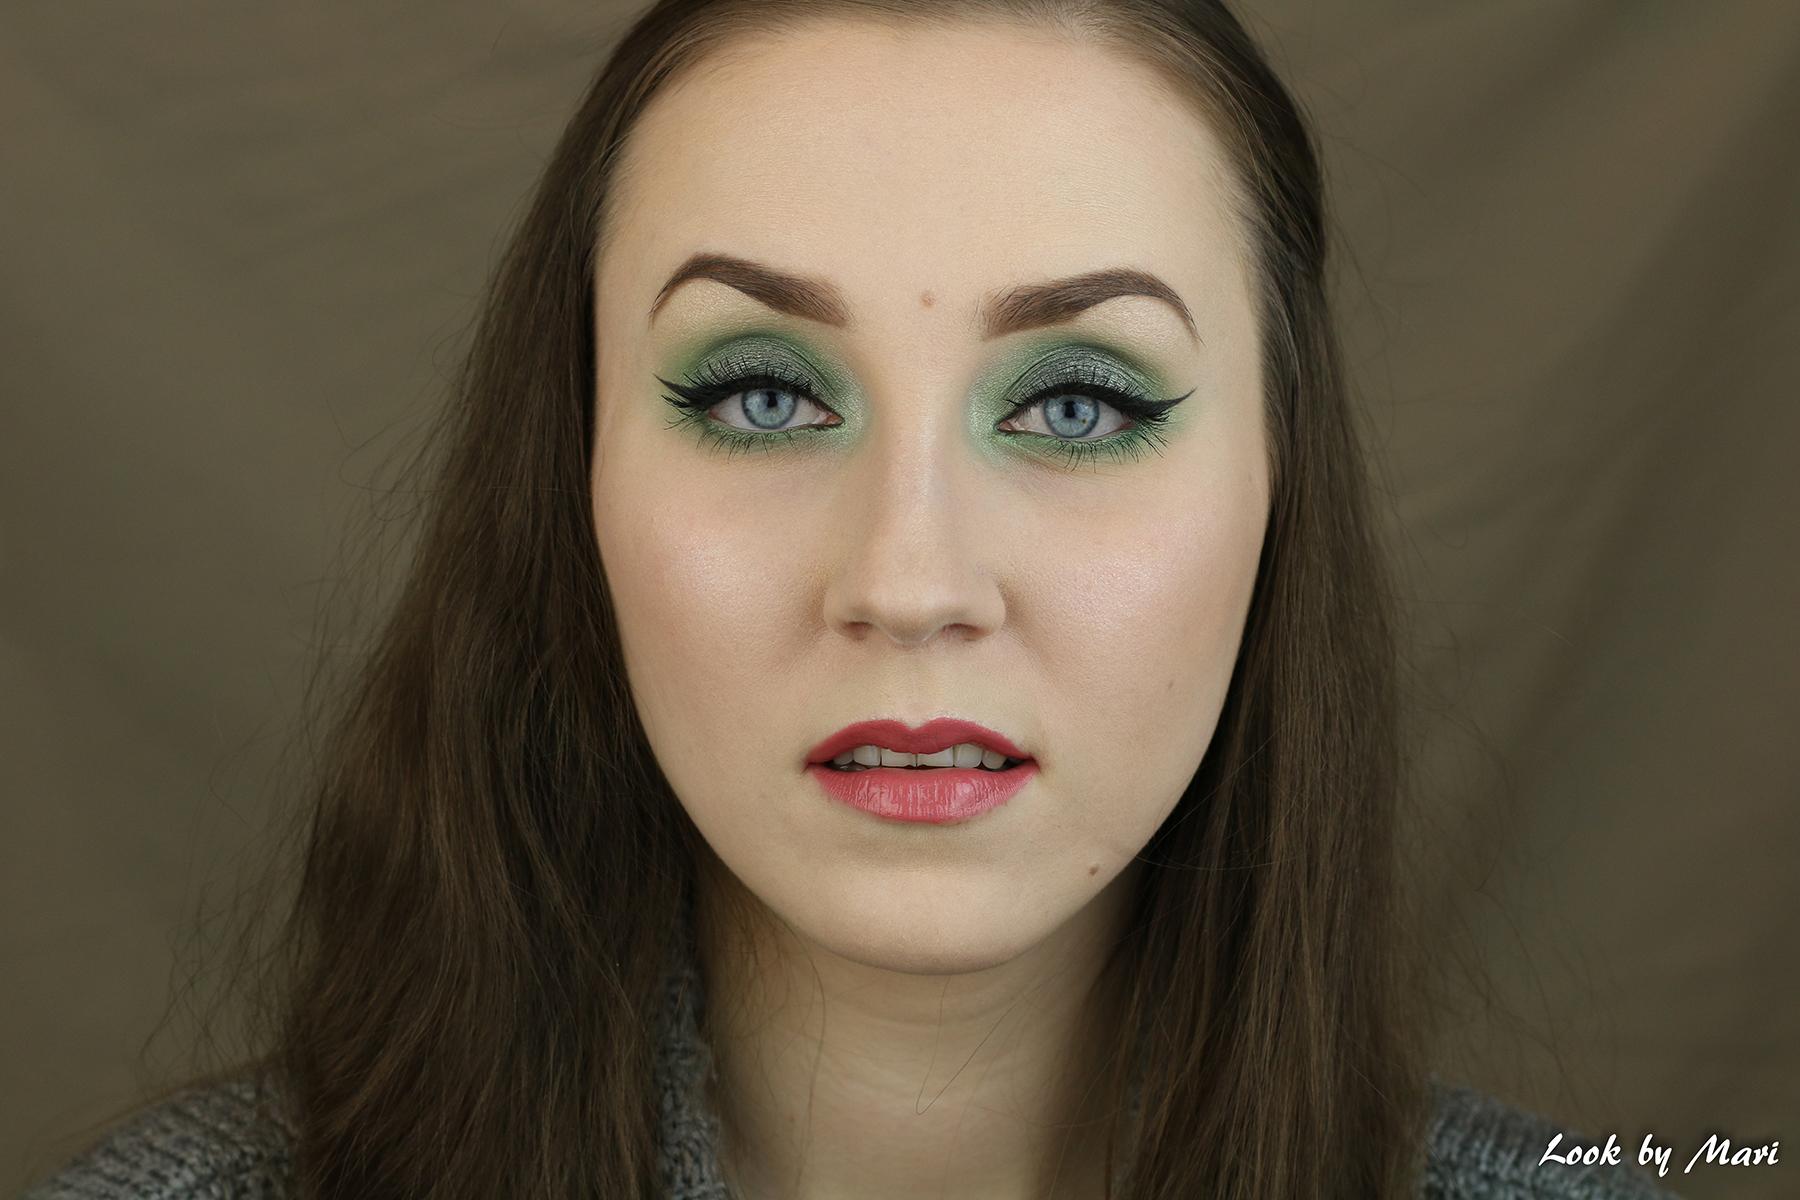 3 vihreä silmämeikki ideat tutoriaali ideoita siniselle silmille